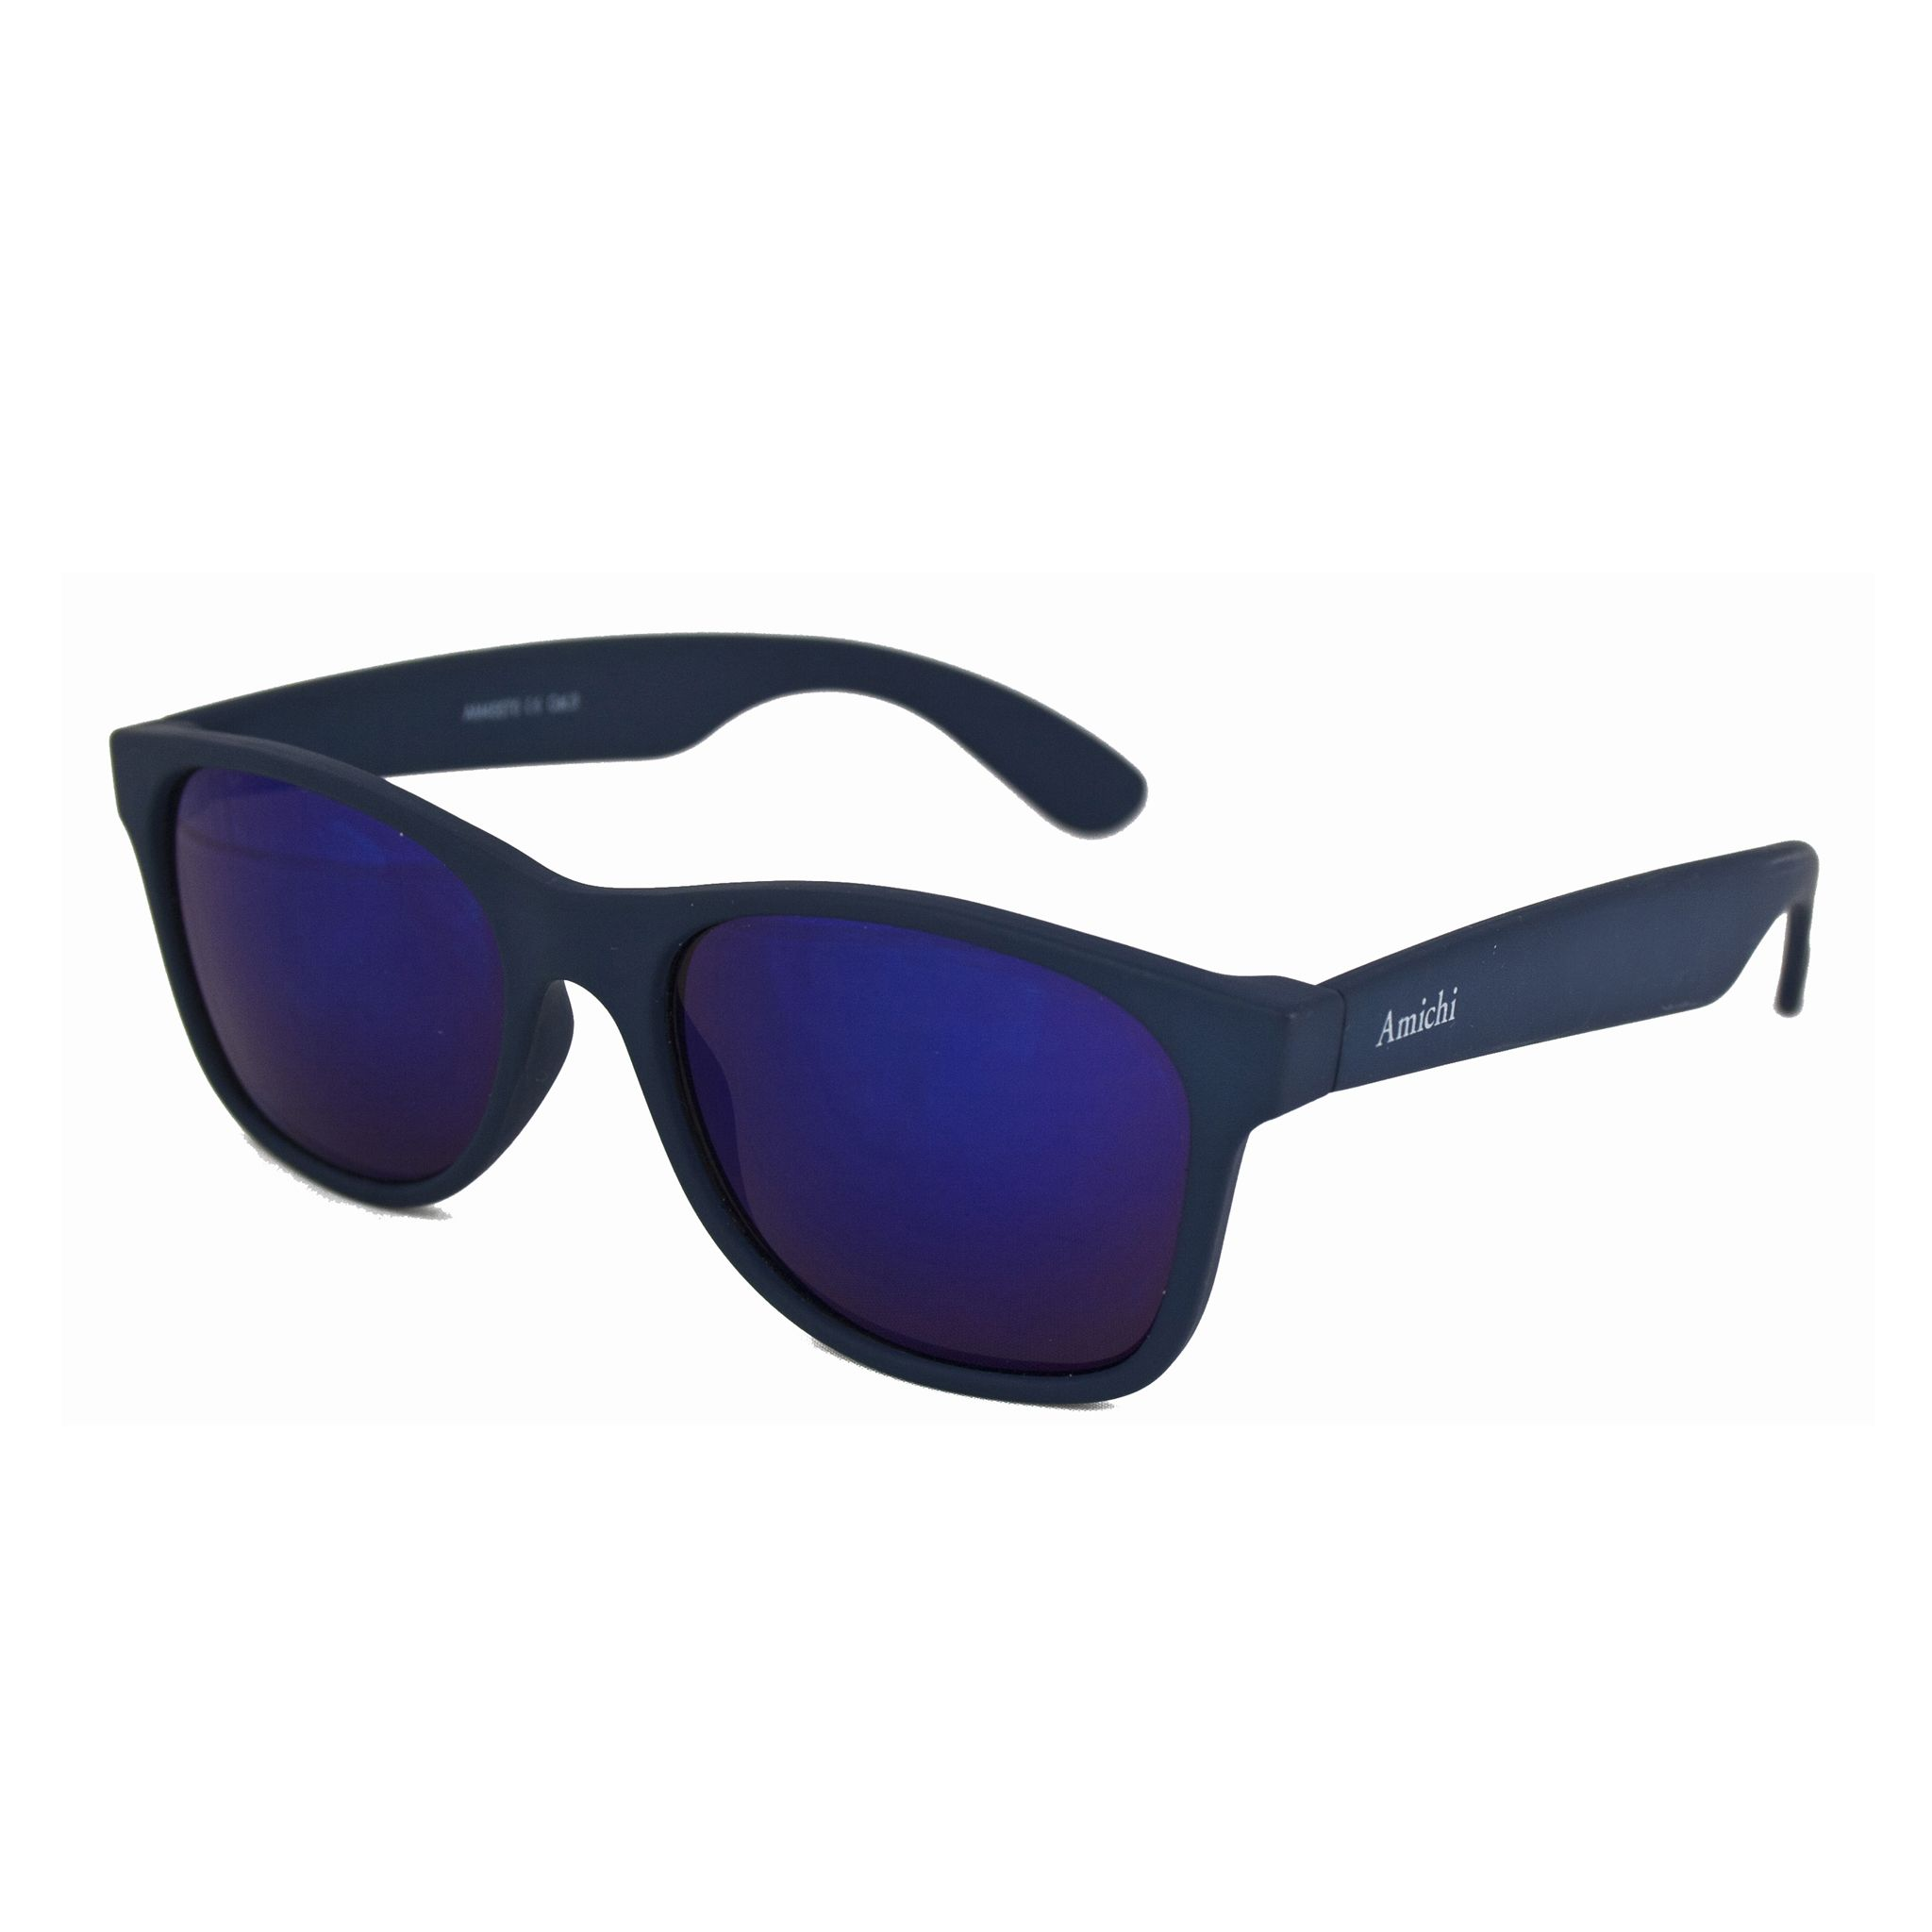 6e2f74bda5 Gafas de sol en color azul marino con cristales de espejo, de la colección  Amichi para Opticalia.